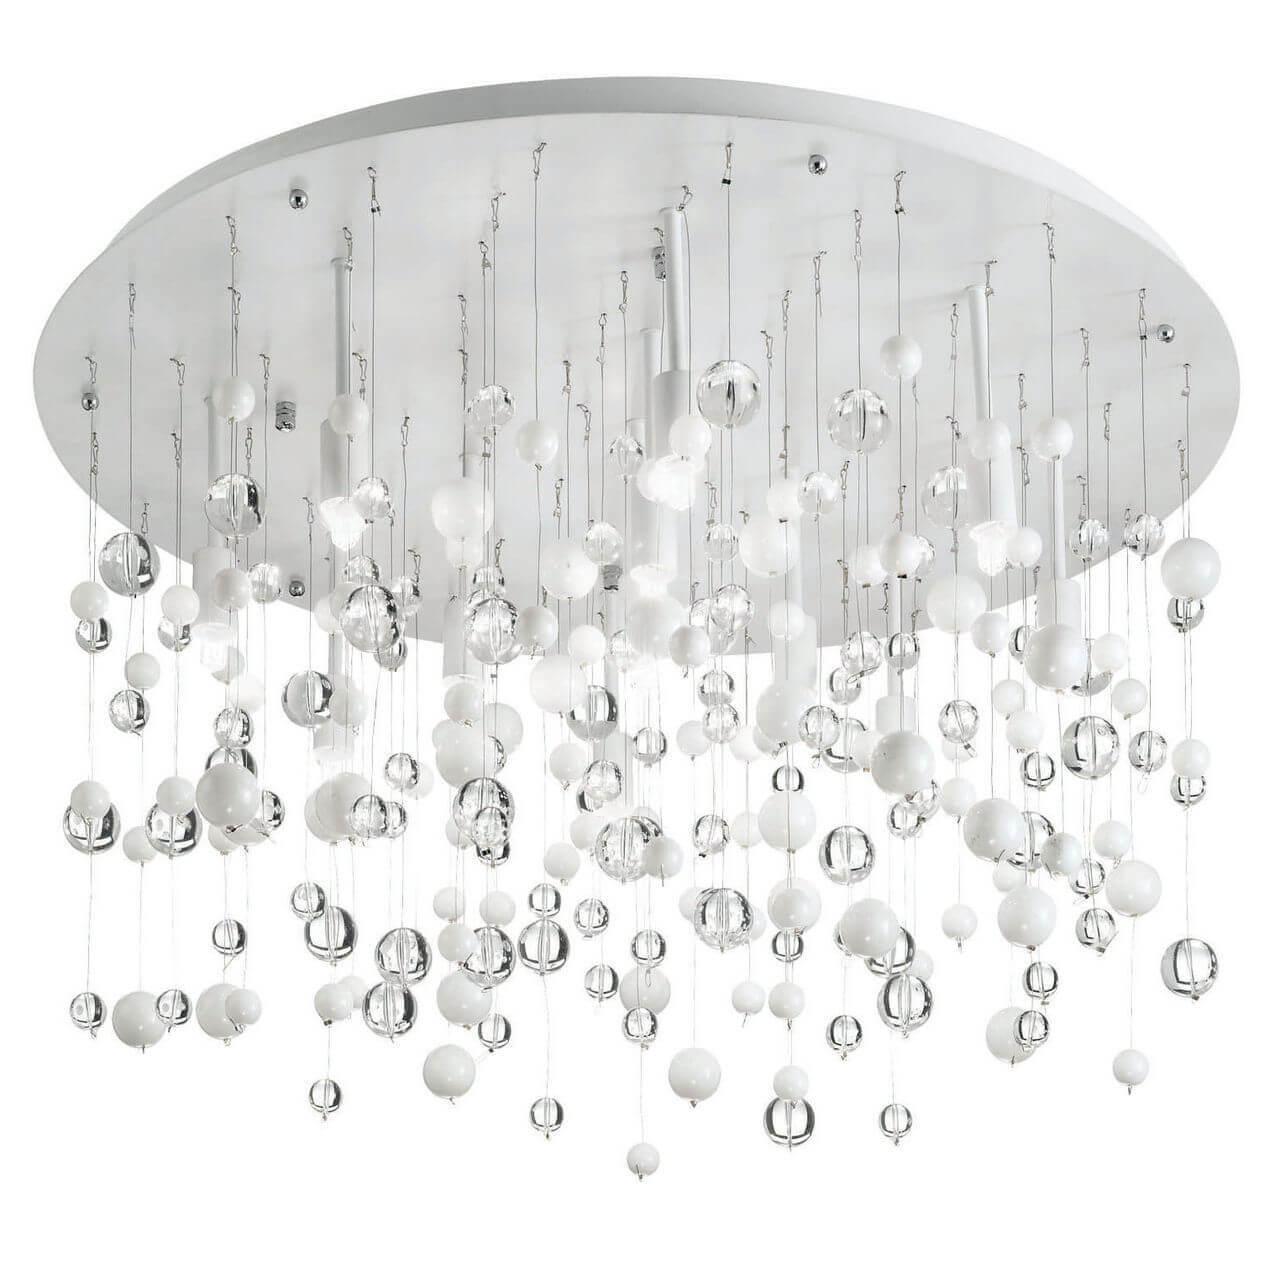 потолочный светильник ideal lux neve pl12 bianco idlx 101187 Светильник Ideal Lux Neve PL12 Bianco Neve Bianco